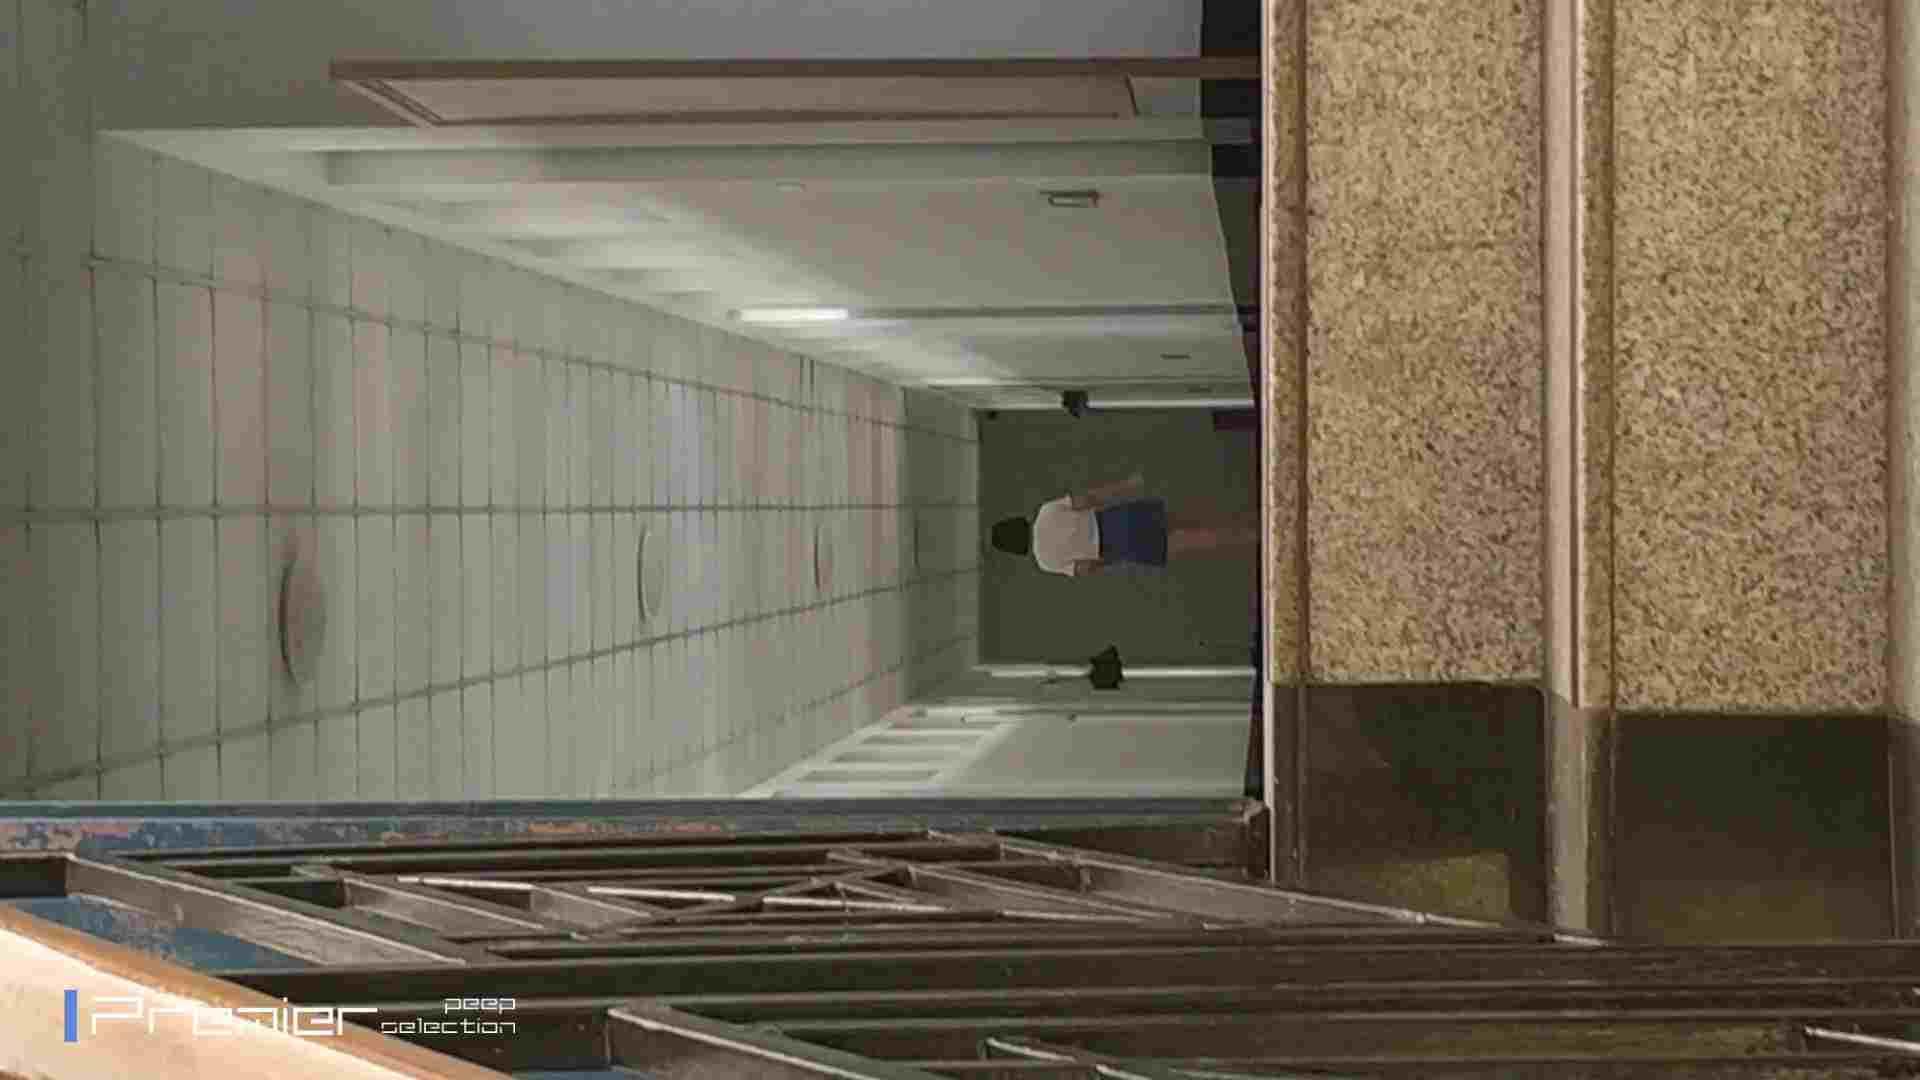 生理用ナプキン交換 大学休憩時間の洗面所事情77 高画質 われめAV動画紹介 86枚 20